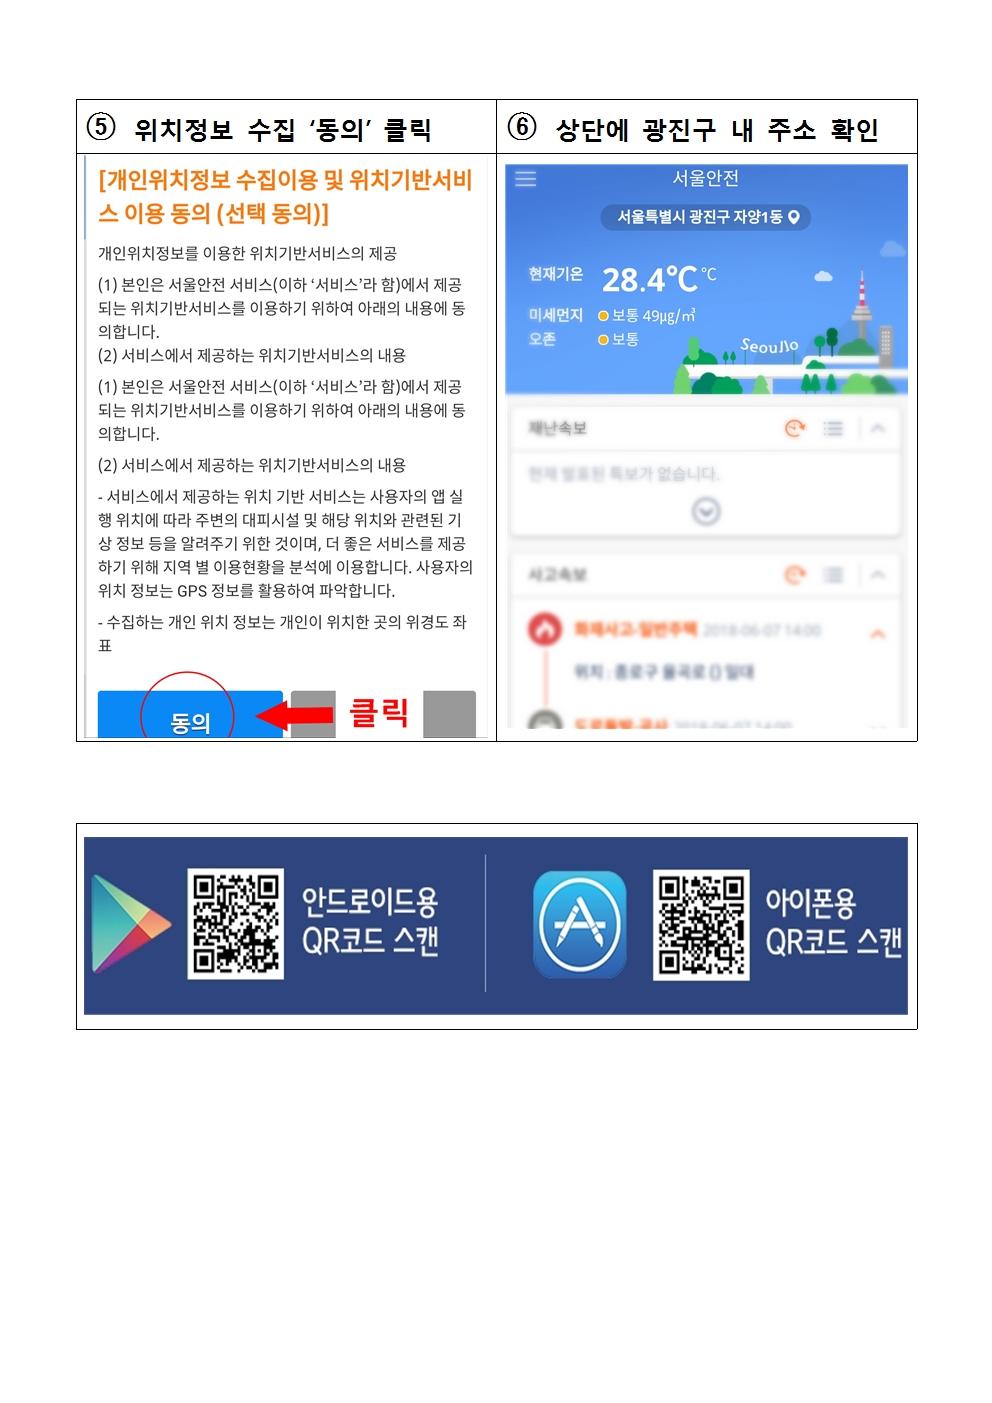 어린이, 청소년 대상 '서울안전앱' 설치 안내